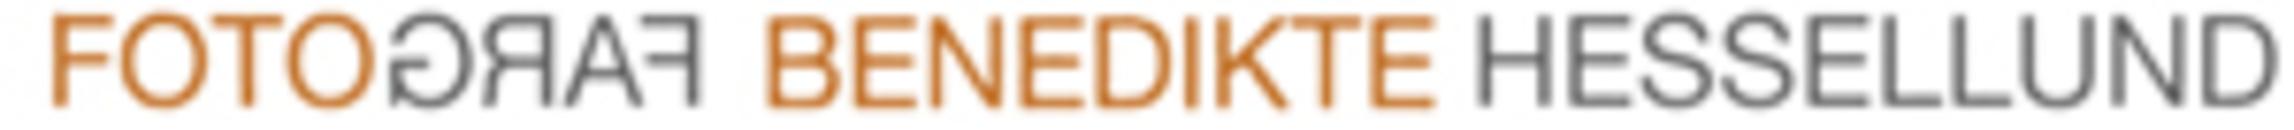 Fotograf Benedikte Hessellund logo